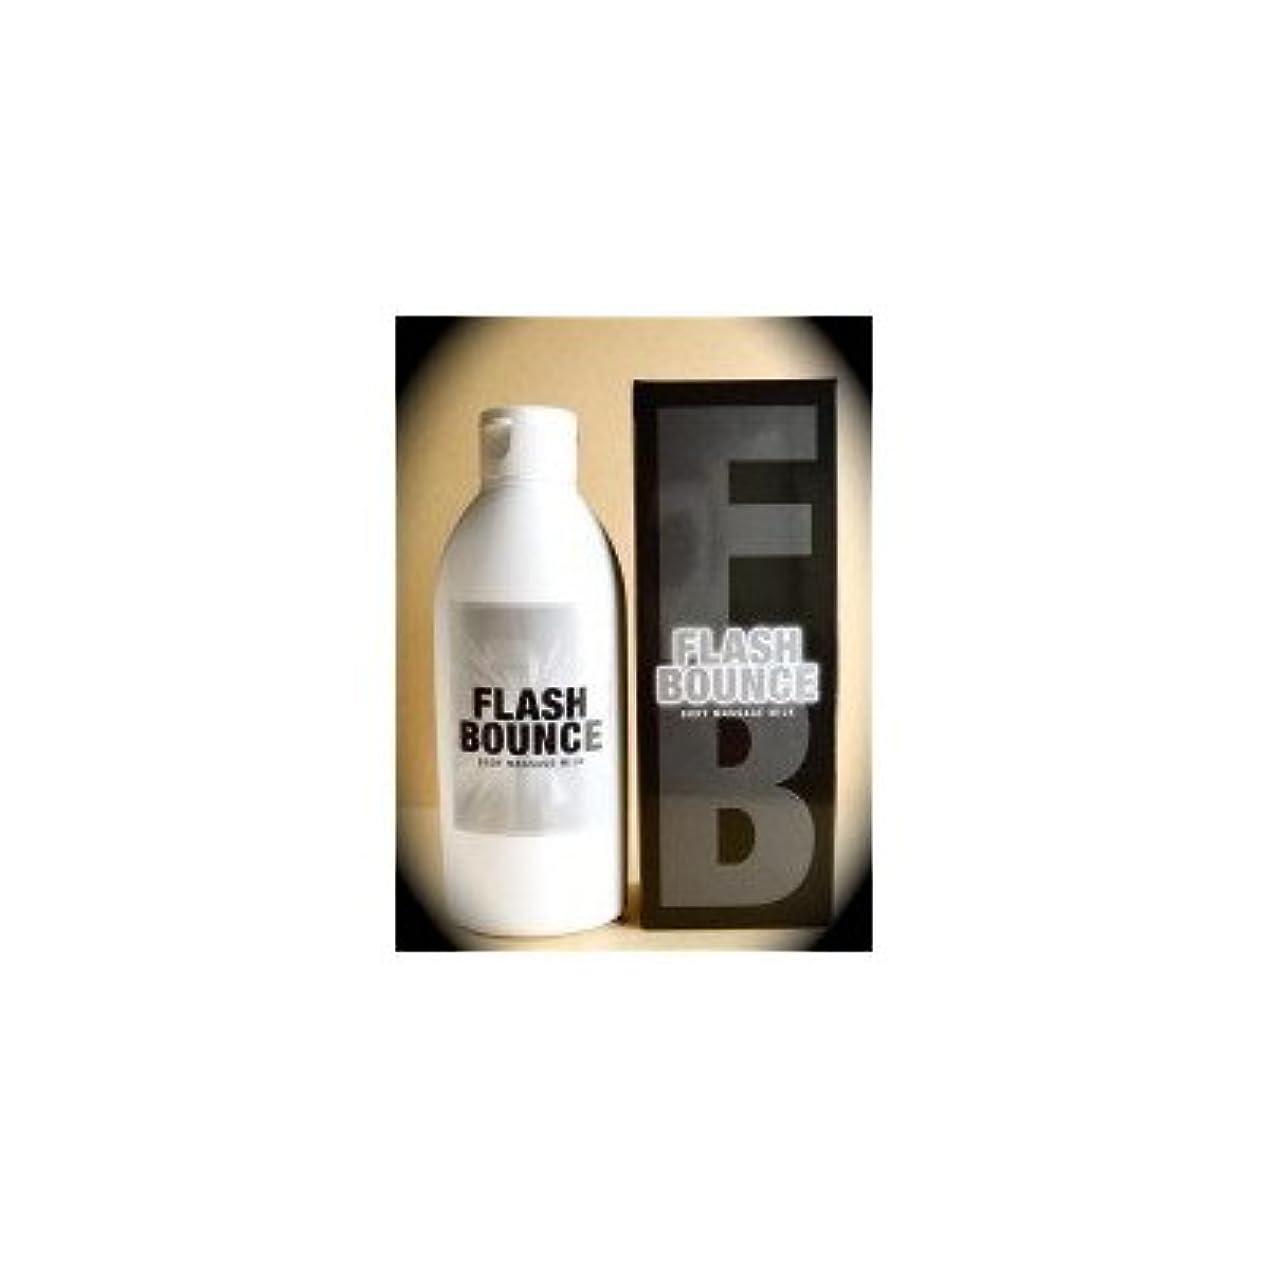 薬用ほこりっぽいバッグ天然鉱物配合ボディマッサージクリーム フラッシュバウンス 150ml